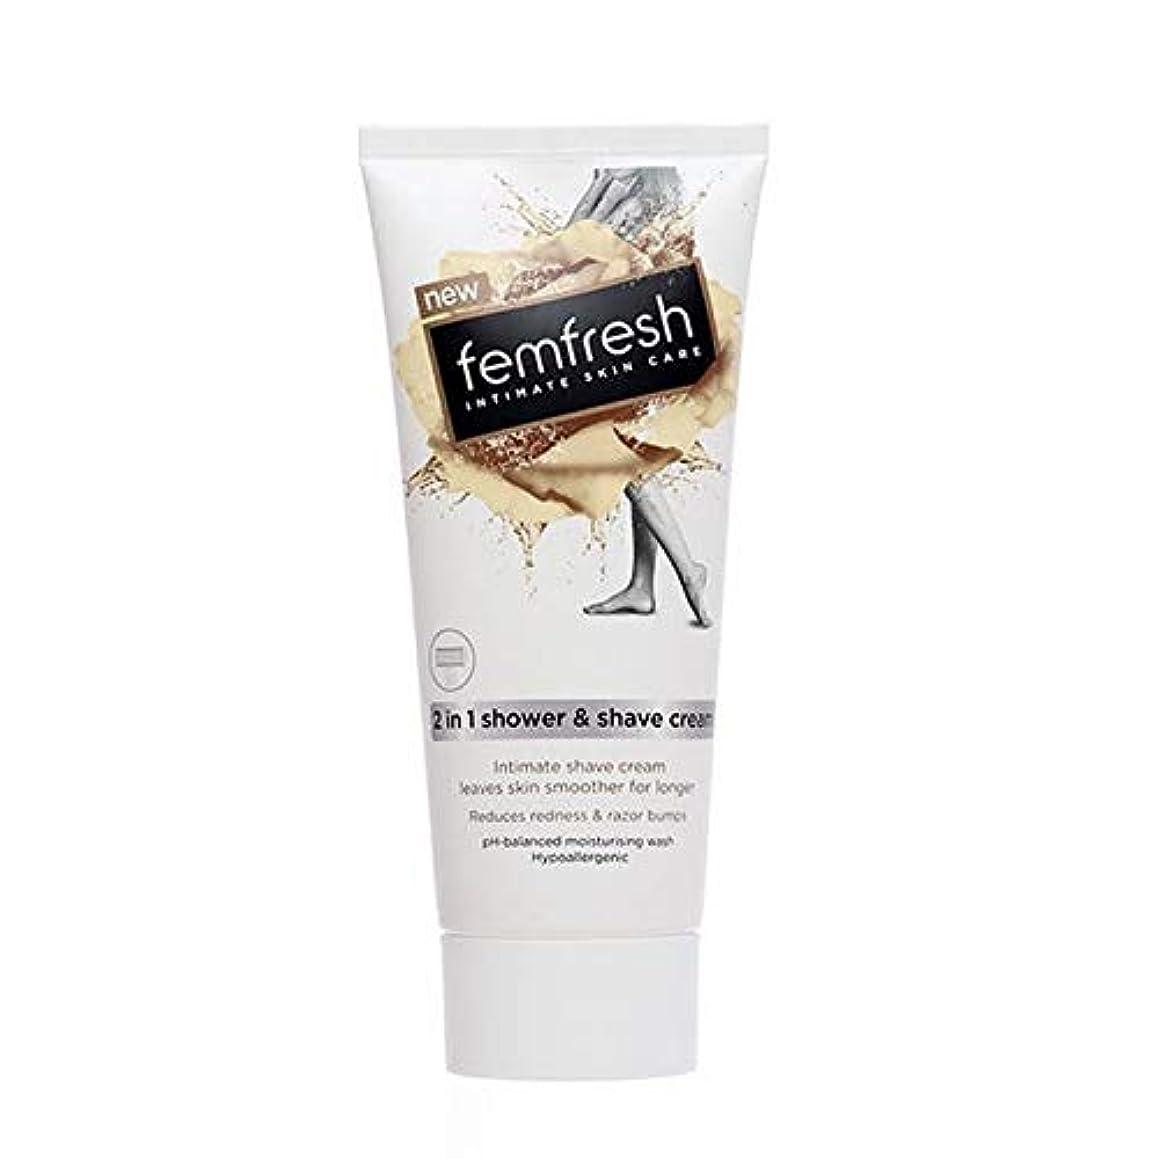 実験室雄大な通路[Femfresh] Femfreshシャワー&シェーブクリーム200ミリリットル - Femfresh Shower & Shave Cream 200ml [並行輸入品]